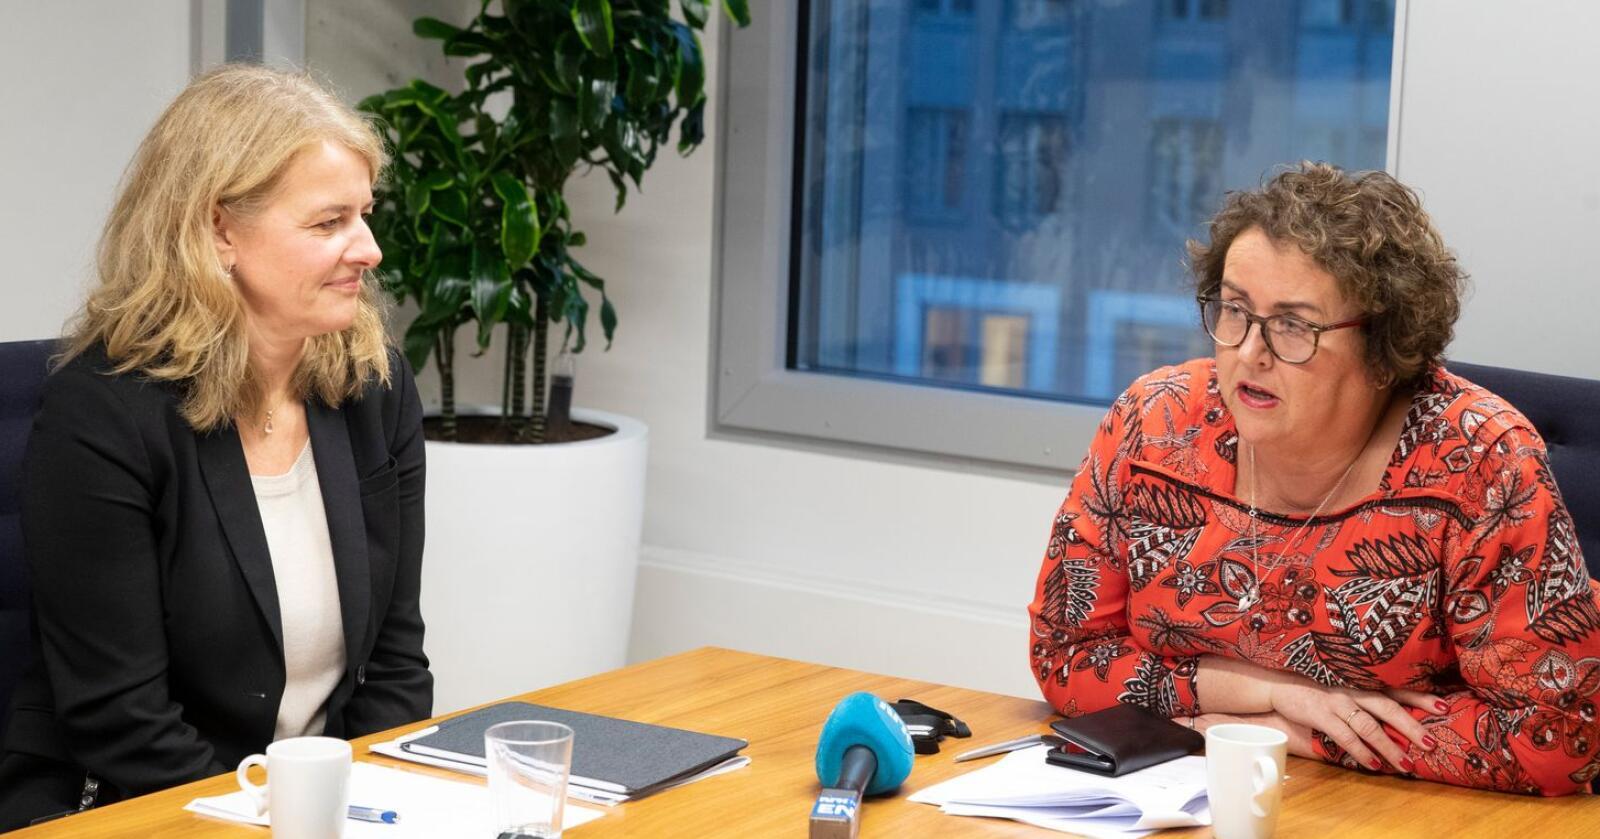 Landbruks- og matminister Olaug Bollestad har vært i møte med administrerende direktør i Mattilsynet. Bildet er 12. desember fra det første møtet etter KPMG-rapporten ble offentliggjort, 12. desember i fjor. Foto: Terje Bendiksby / NTB scanpix